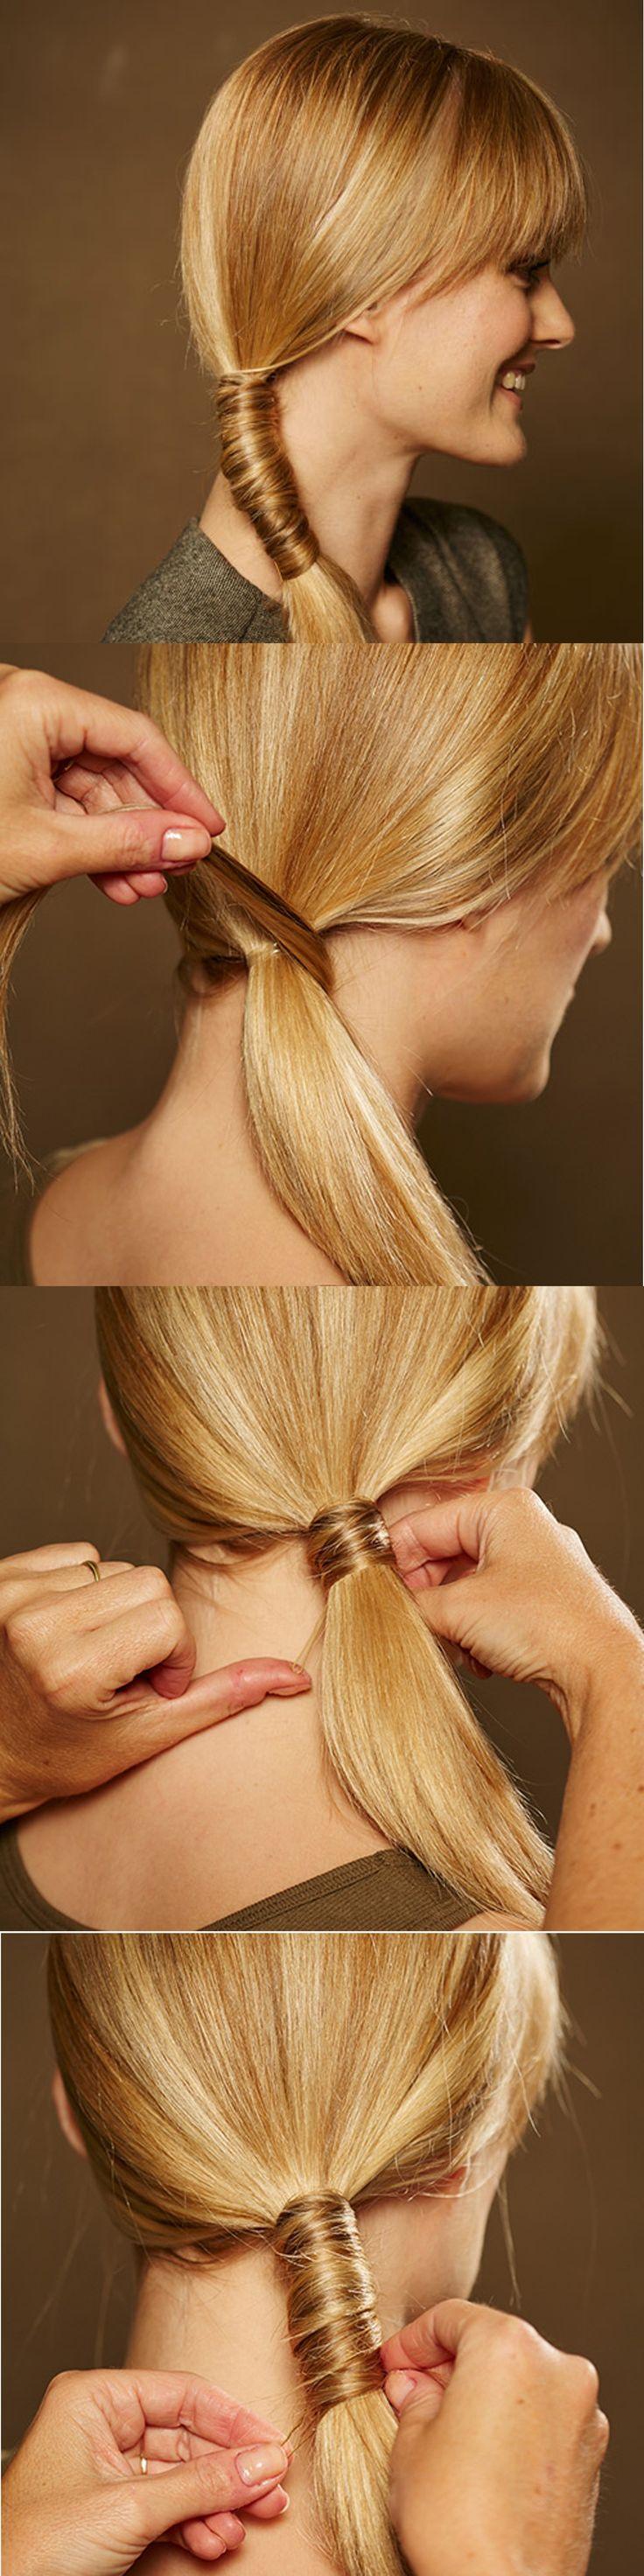 ZOPF puristisch eingedreht 1) Haare seitlich zusammenbinden. 2) Von der Zopfunterseite eine Strähne herausnehmen, um Haarband und Zopf wickeln und mit einer Klemme unterhalb besfestigen. 3) Erneut schmale Strähne abteilen, Zopf damit weiter einwickeln und feststecken. Je nach Zopflänge immer weiter so verfahren. Von Brigitte Beauty